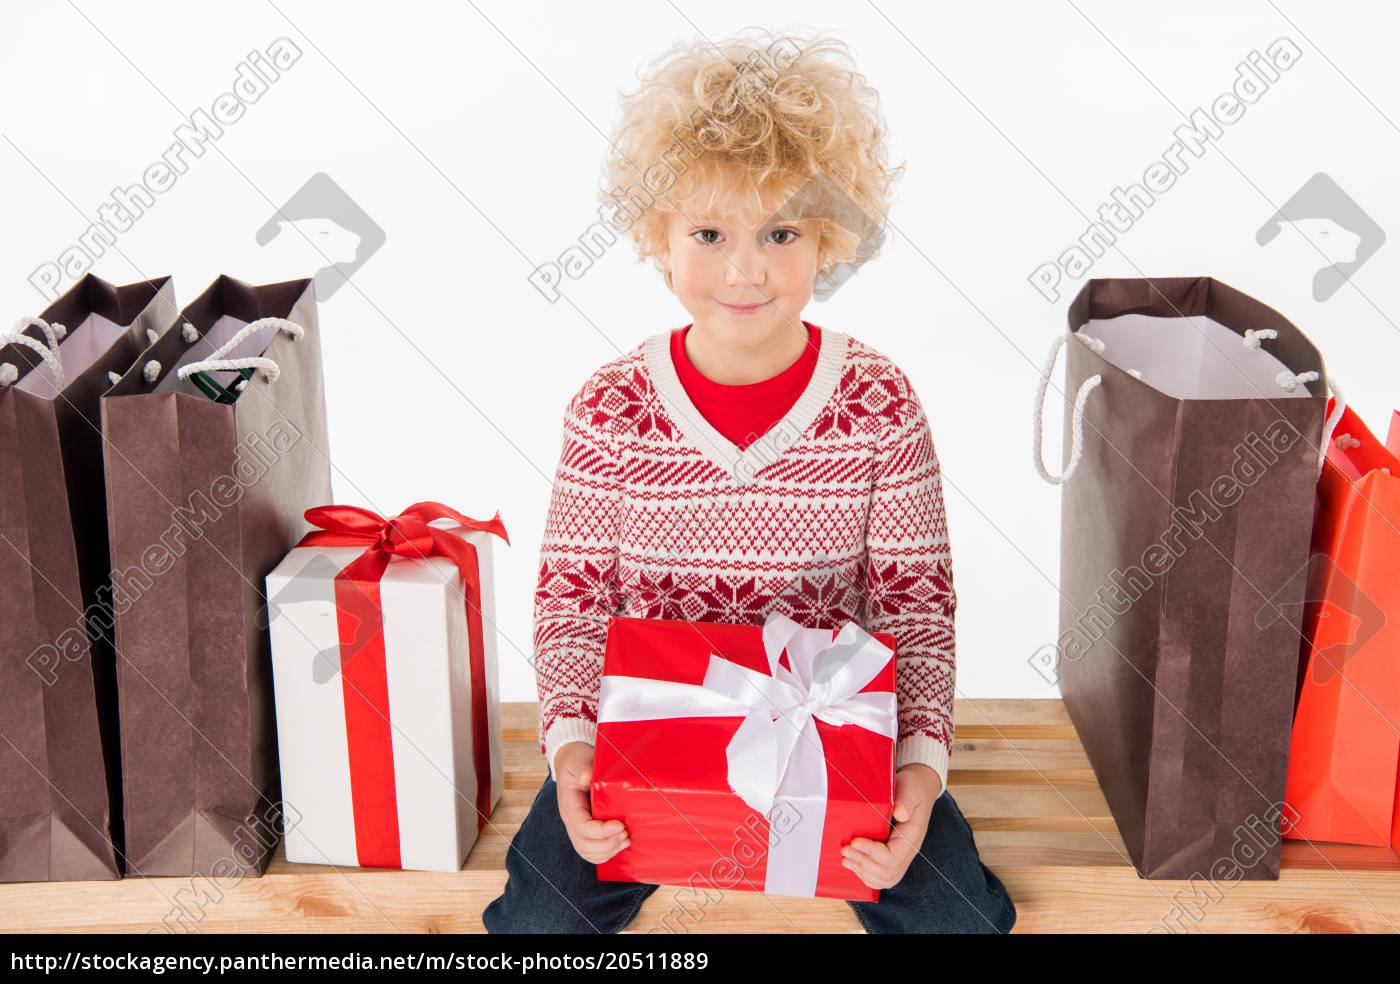 szczęśliwe, dziecko, trzymające, pudełko, na, prezent - 20511889